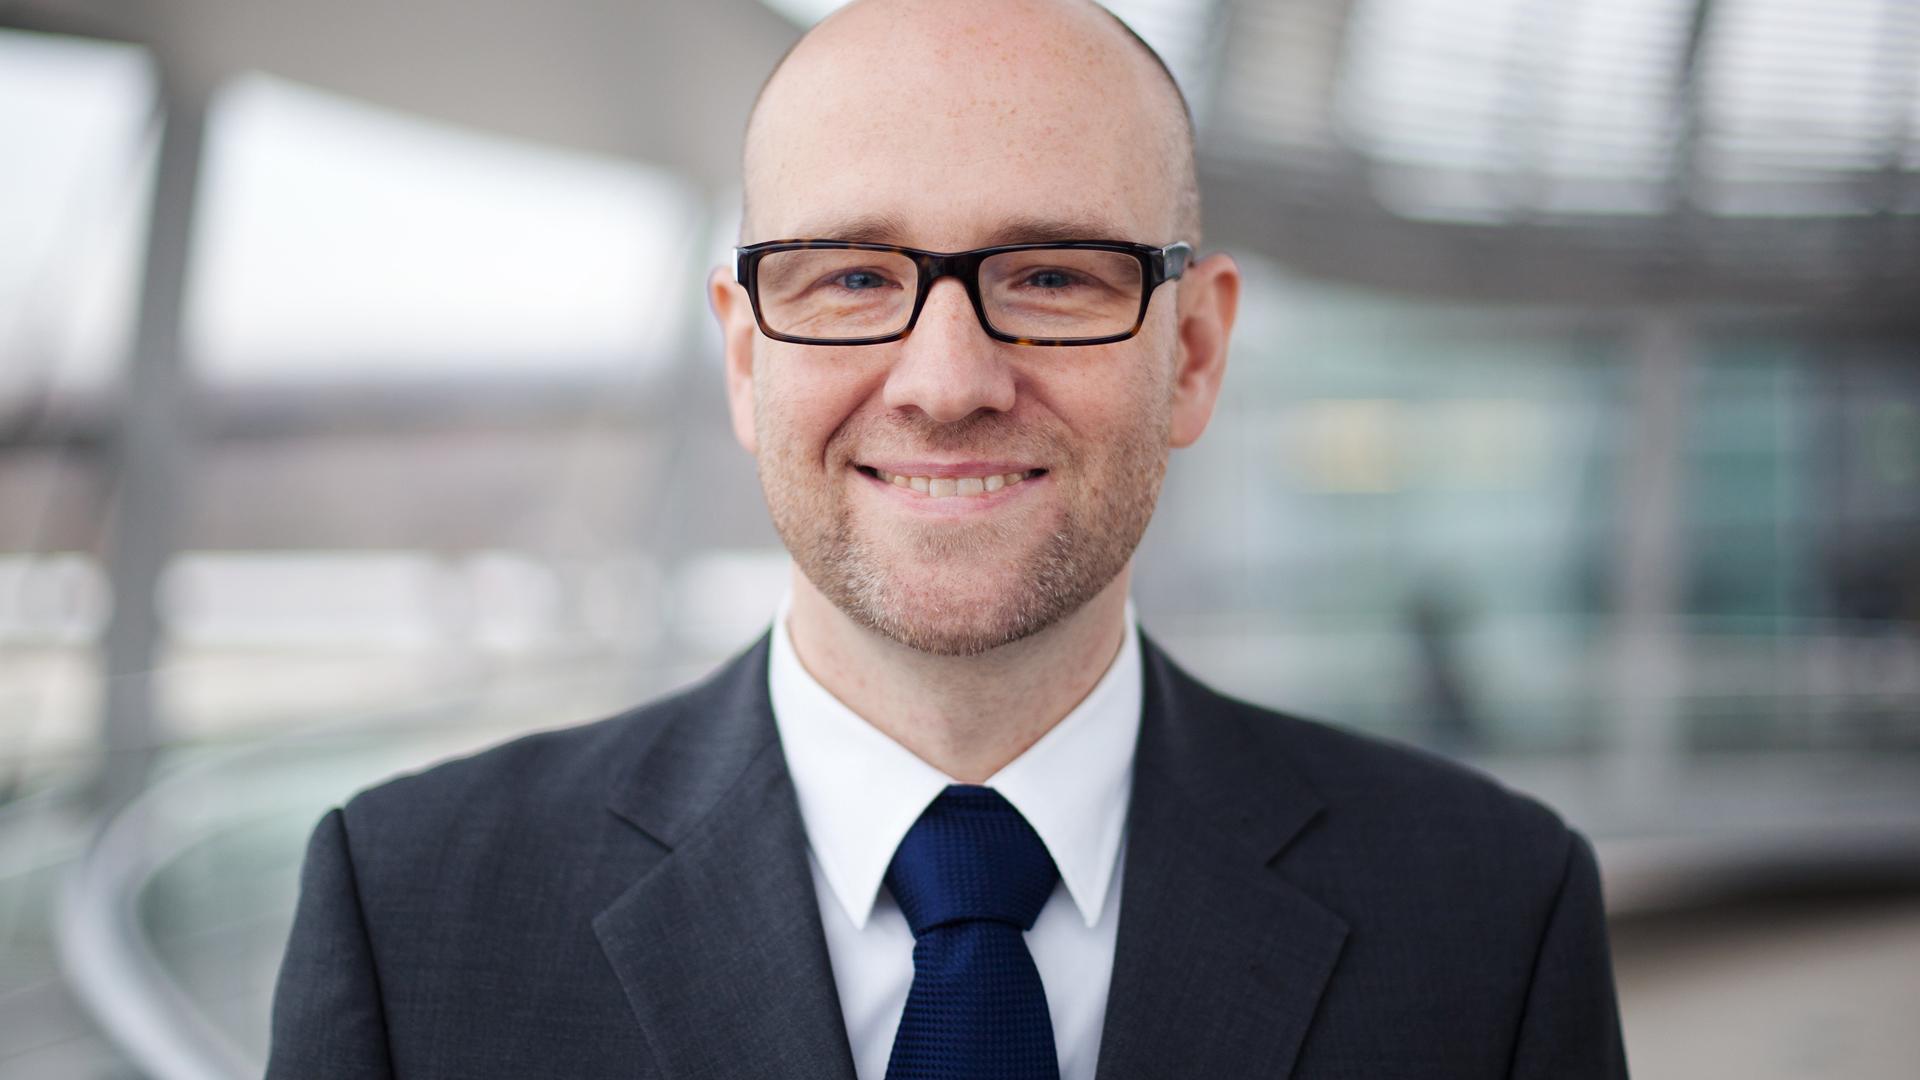 Der frühere CDU-Politiker Peter Tauber